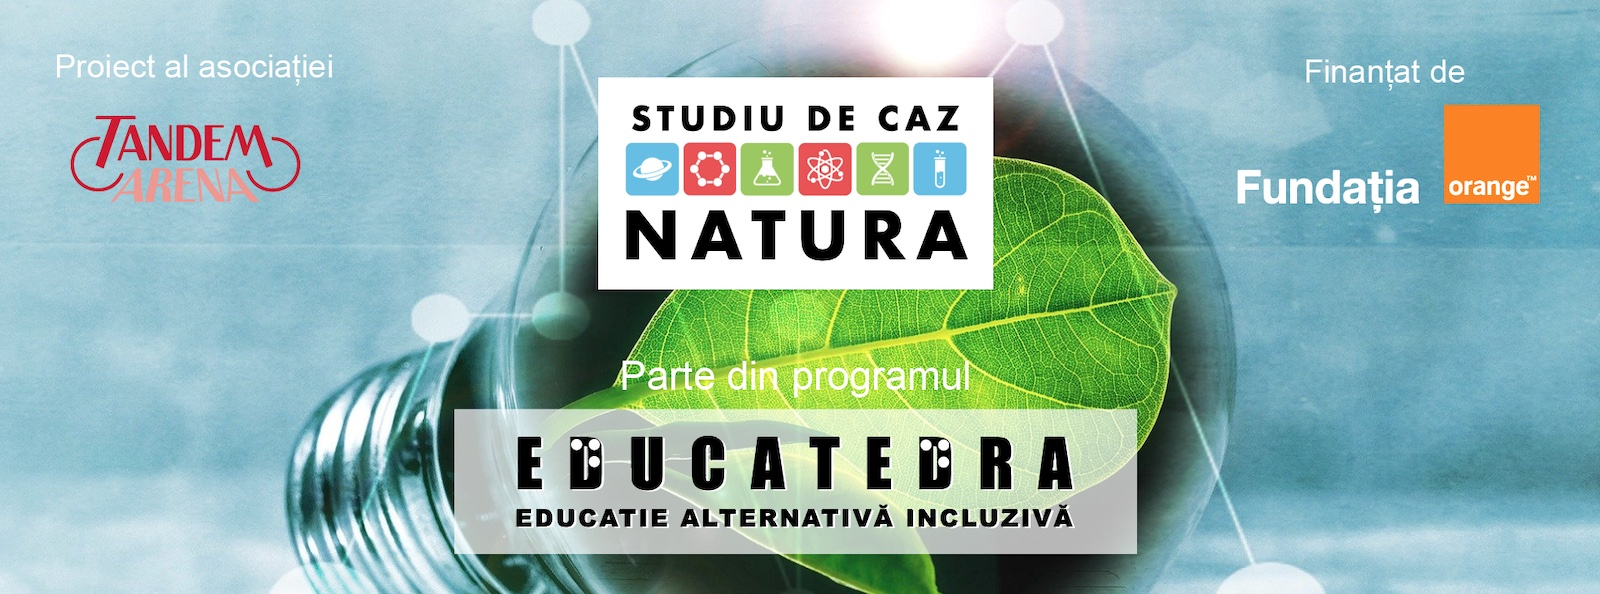 Studiu de caz: Natura